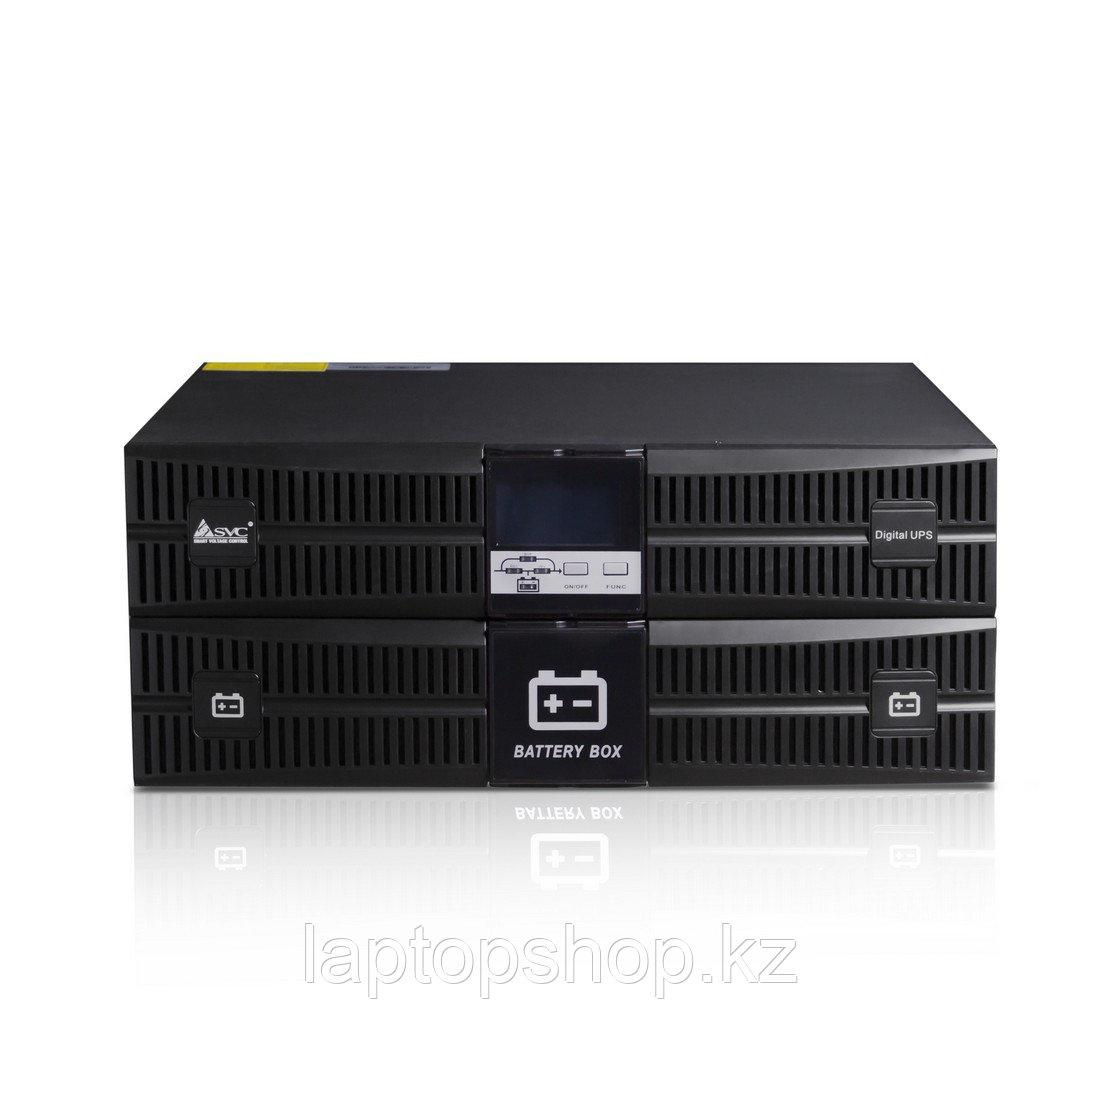 Источник бесперебойного питания SVC RT-3KL-LCD, Мощность 3000ВА/2700Вт